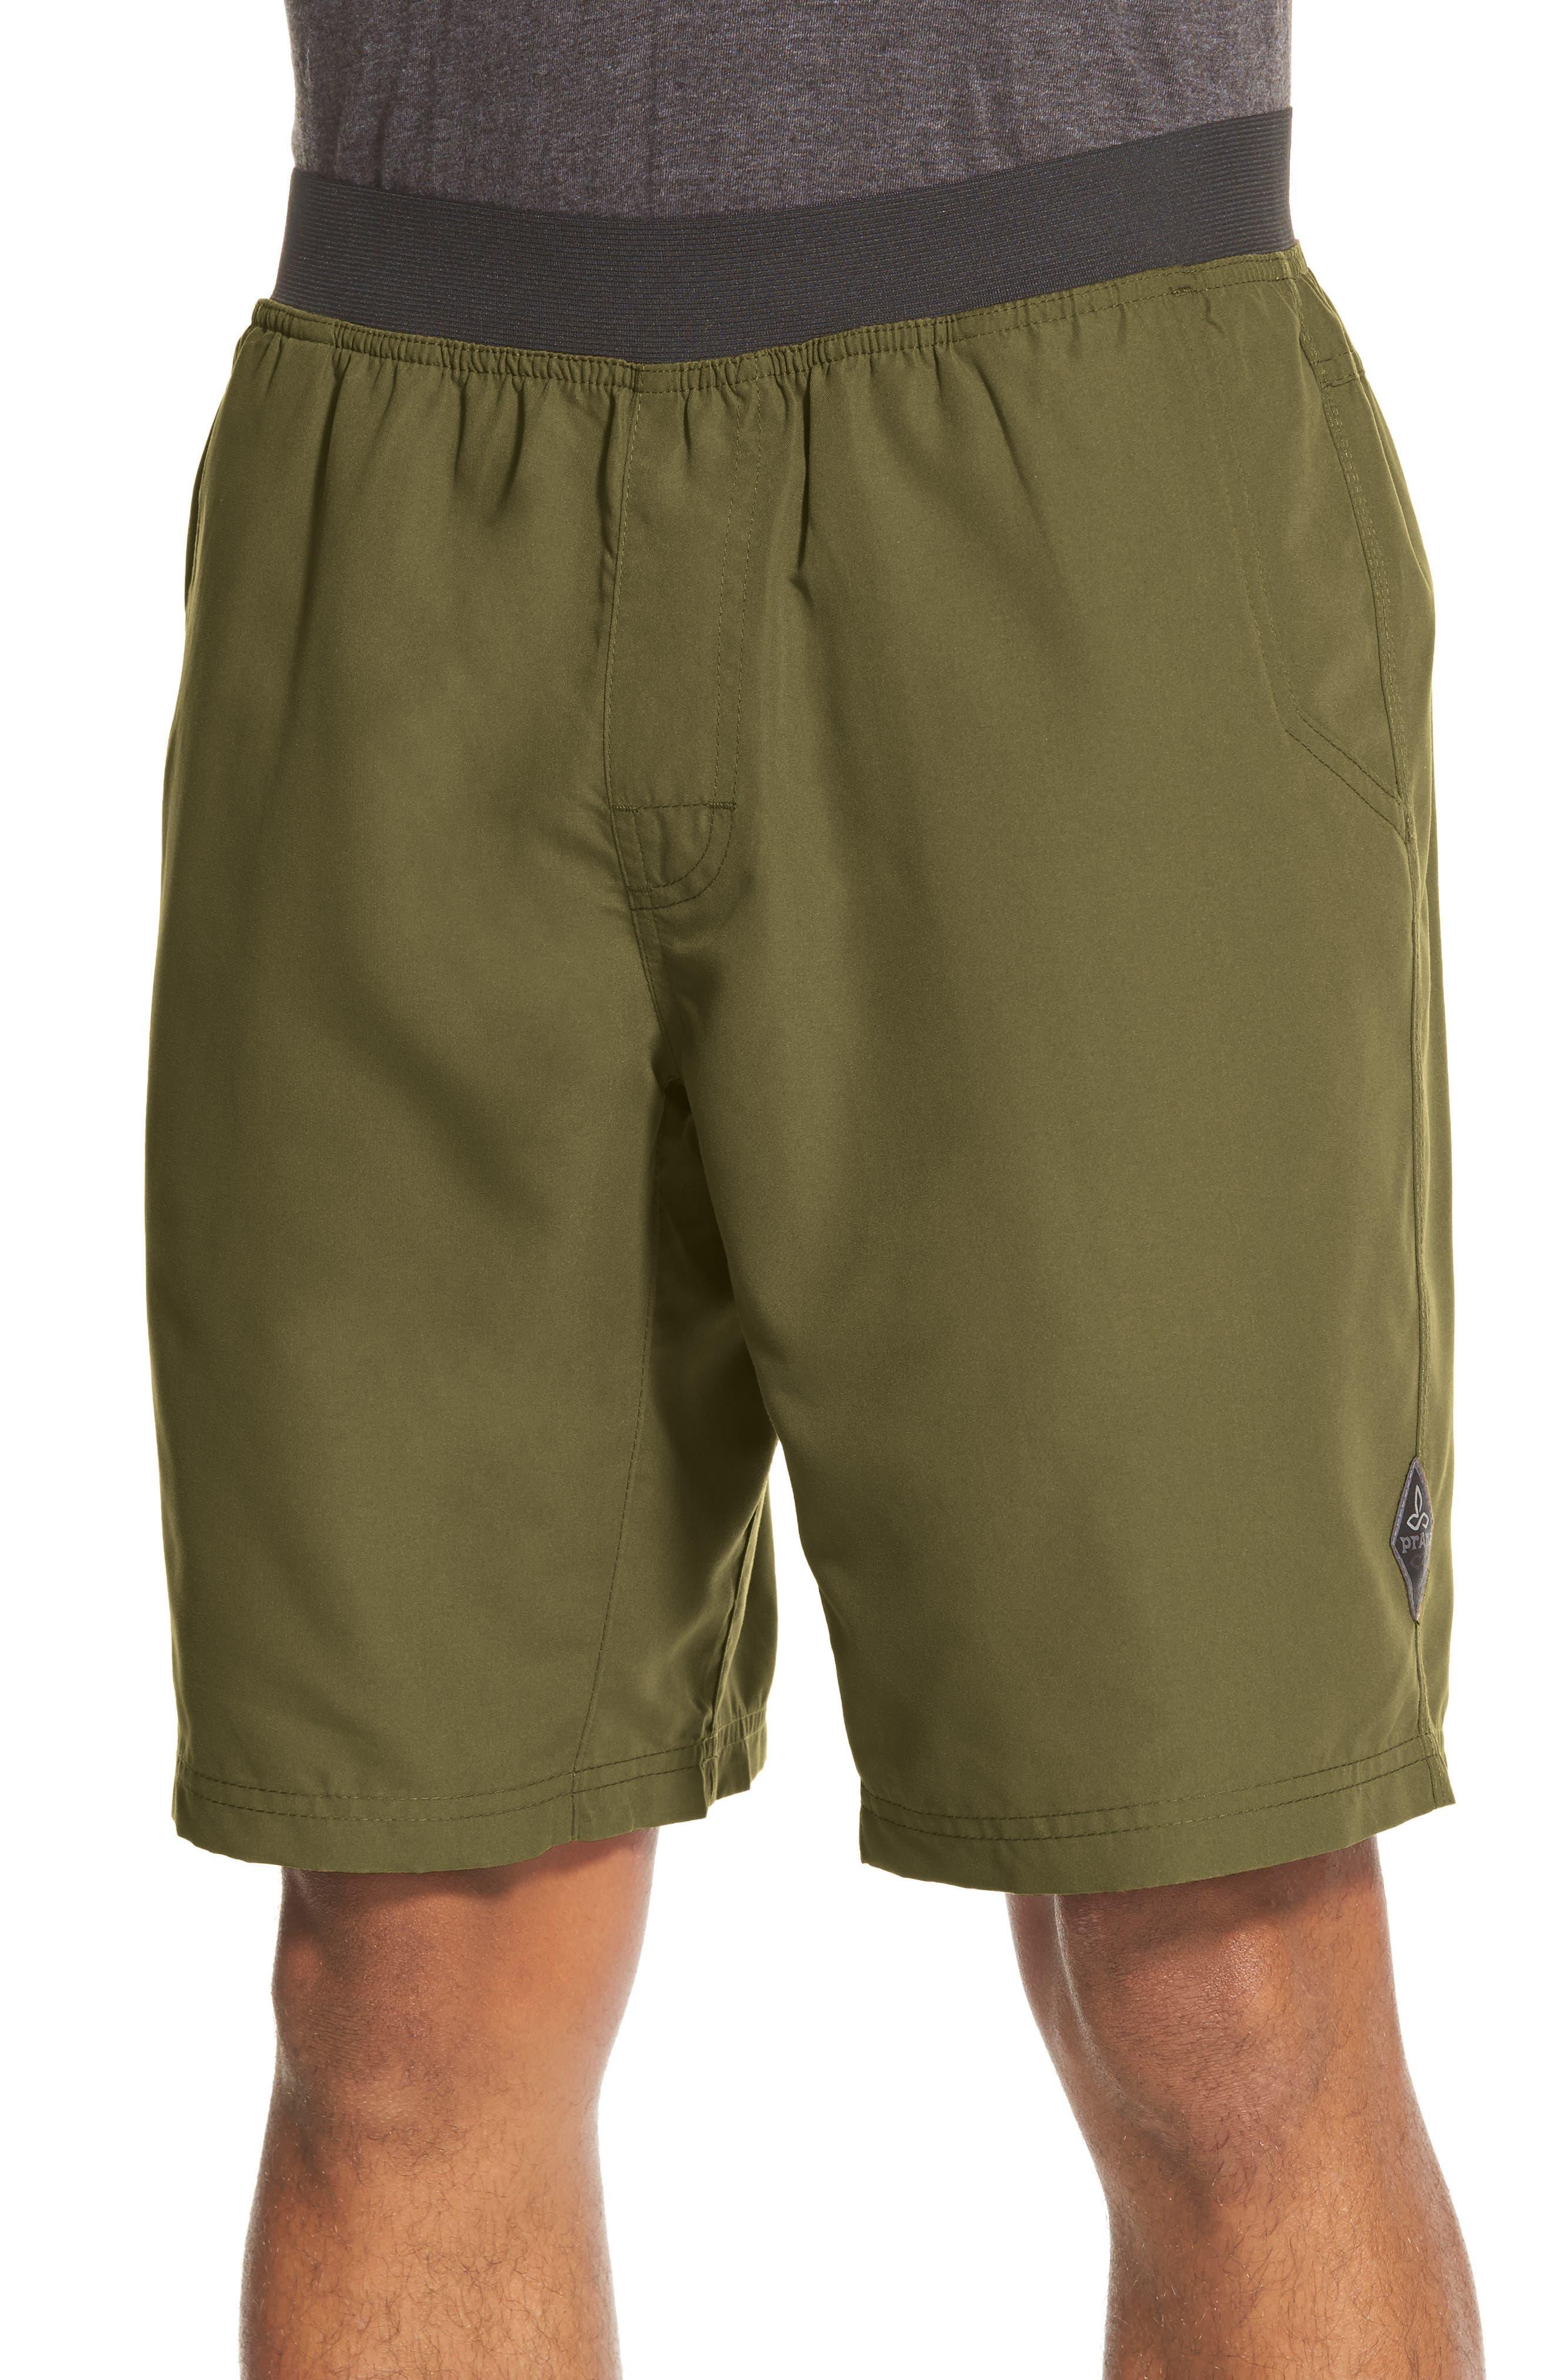 Mojo Shorts,                         Main,                         color, Cargo Green